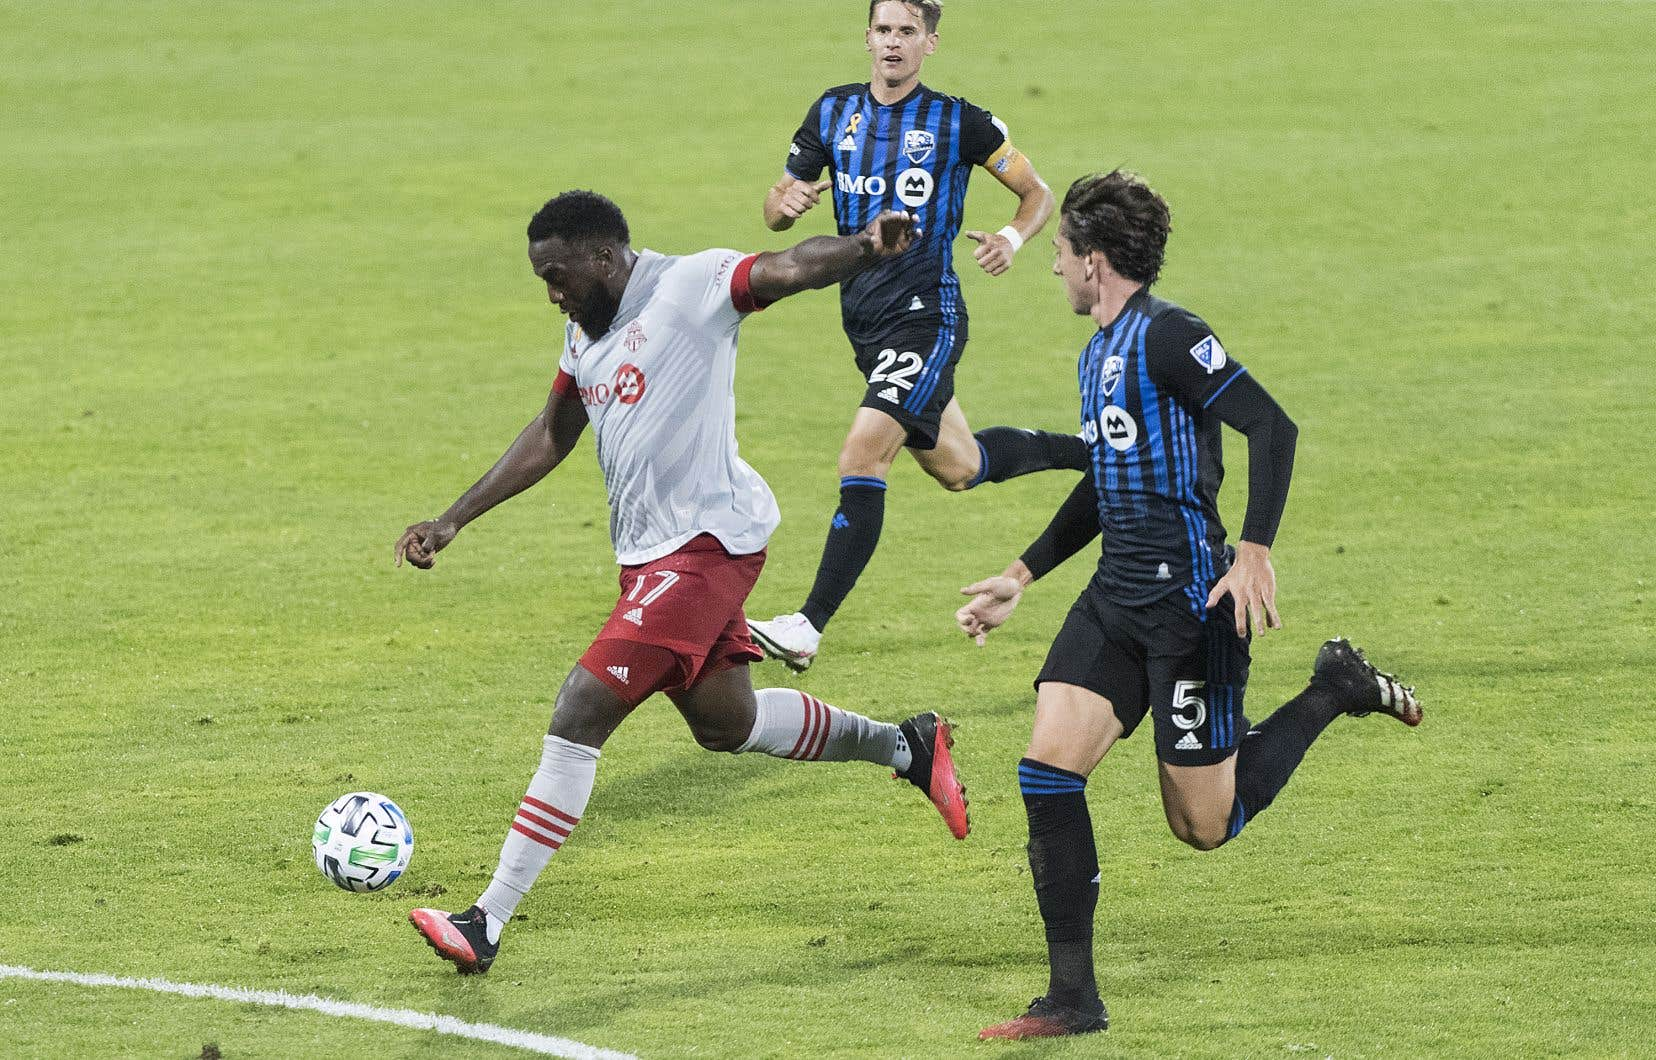 Altidore s'est faufilé derrière la défensive montréalaise, où il a reçu une longue passe de Nick DeLeon avant de déjouer le gardien Clément Diop.